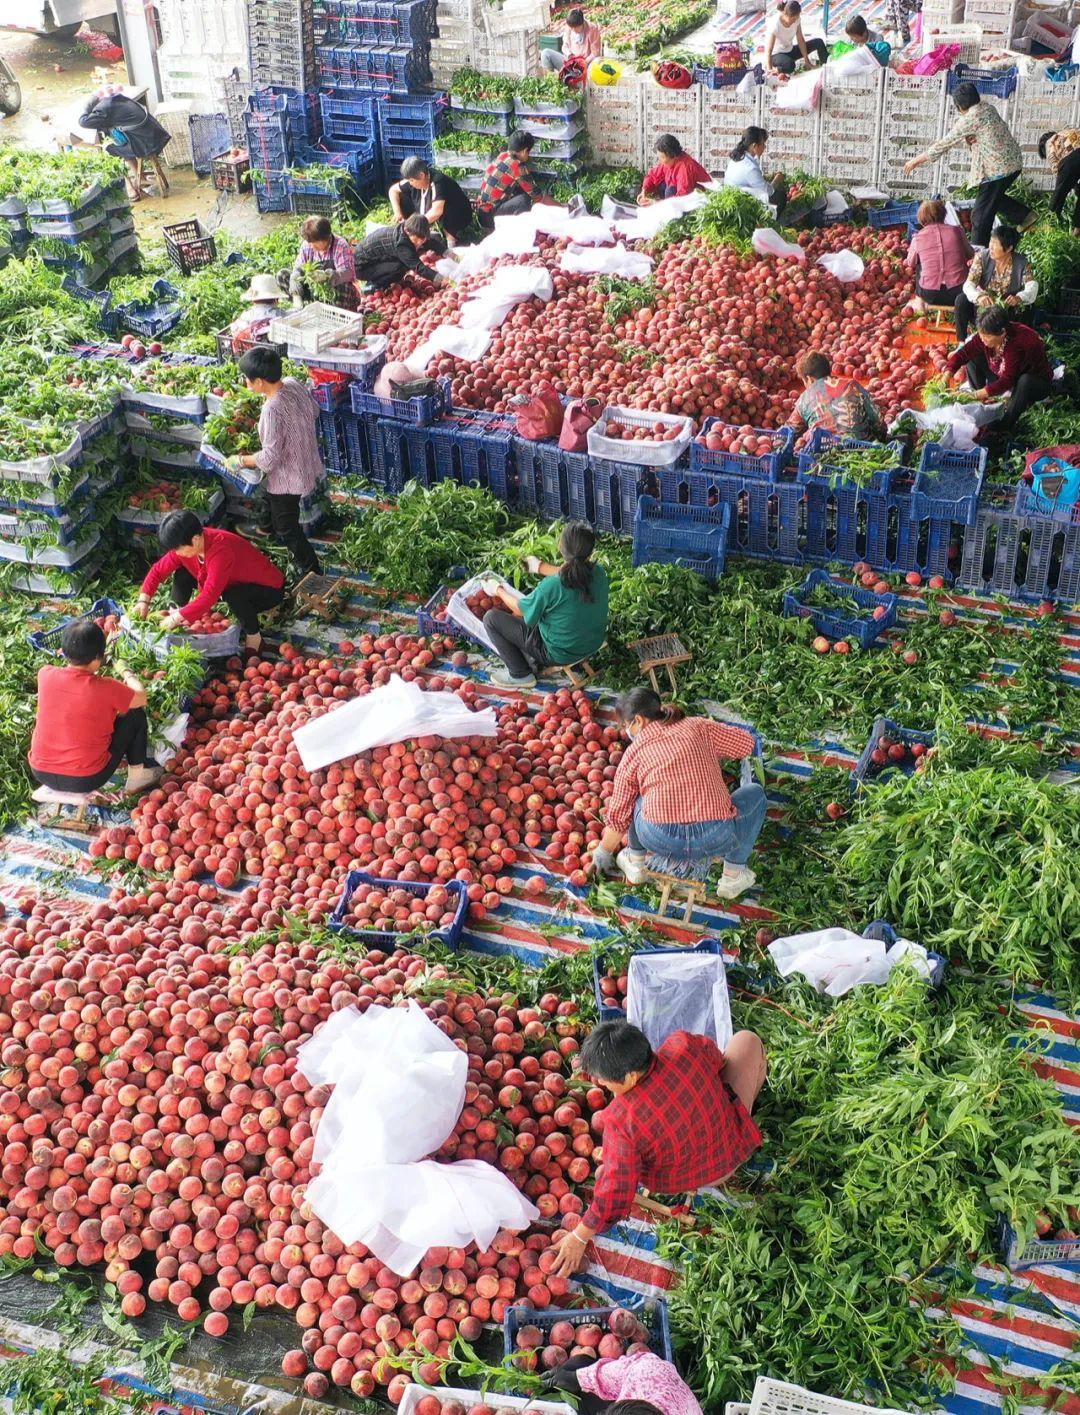 ▲ 盛夏,山东枣庄正在分装蜜桃。 图/视觉中国